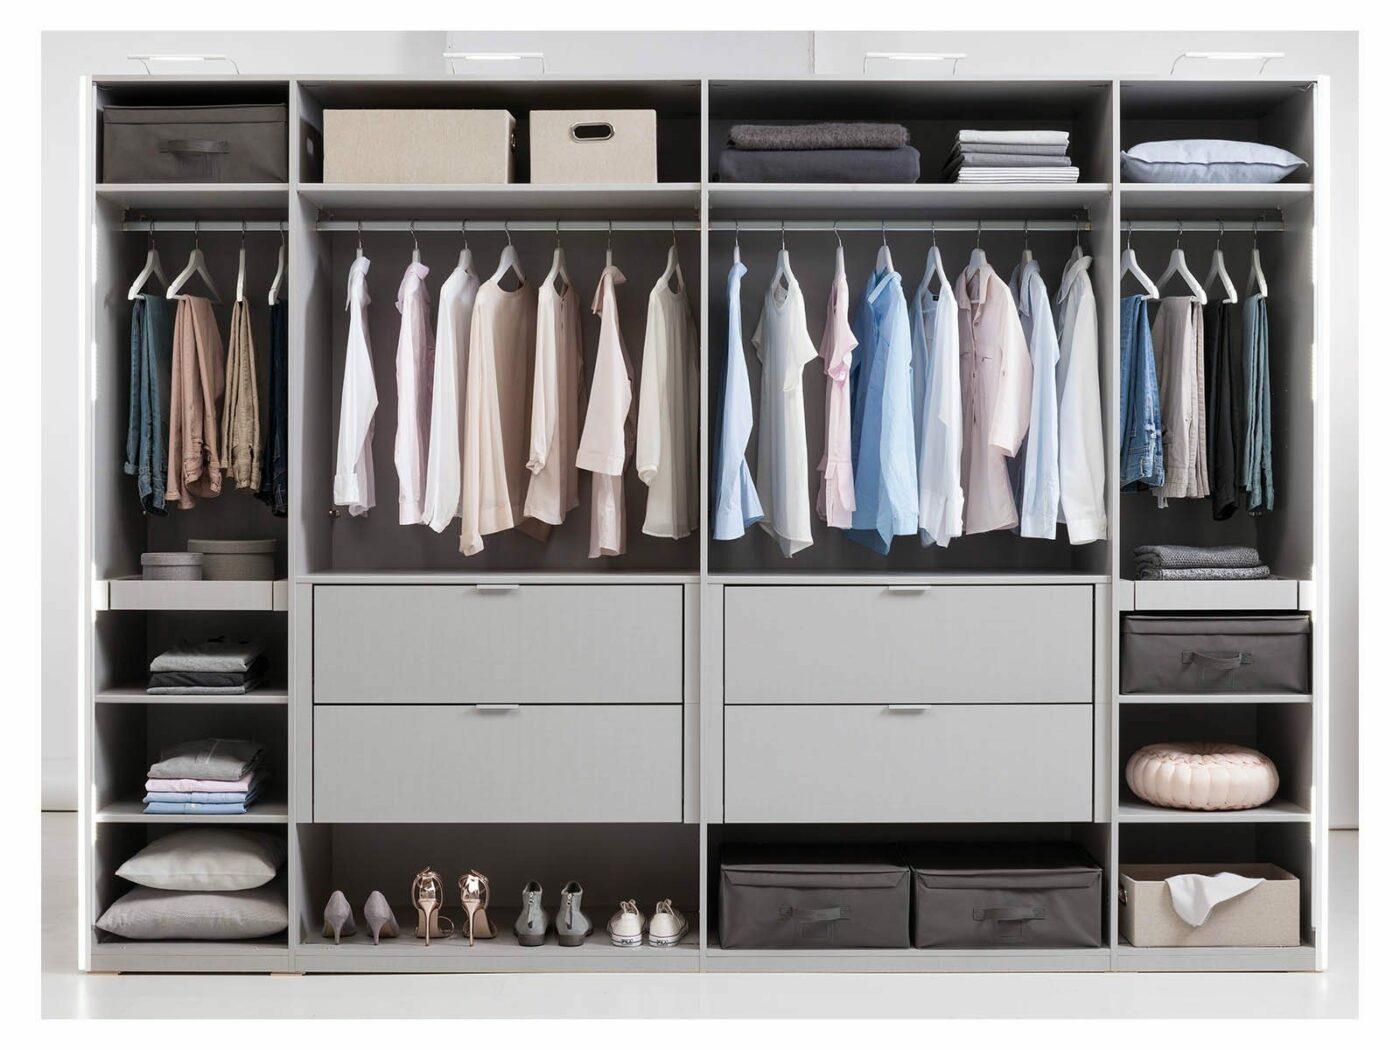 Express Kleiderschranksystem - Individuelle Inneneinteilung